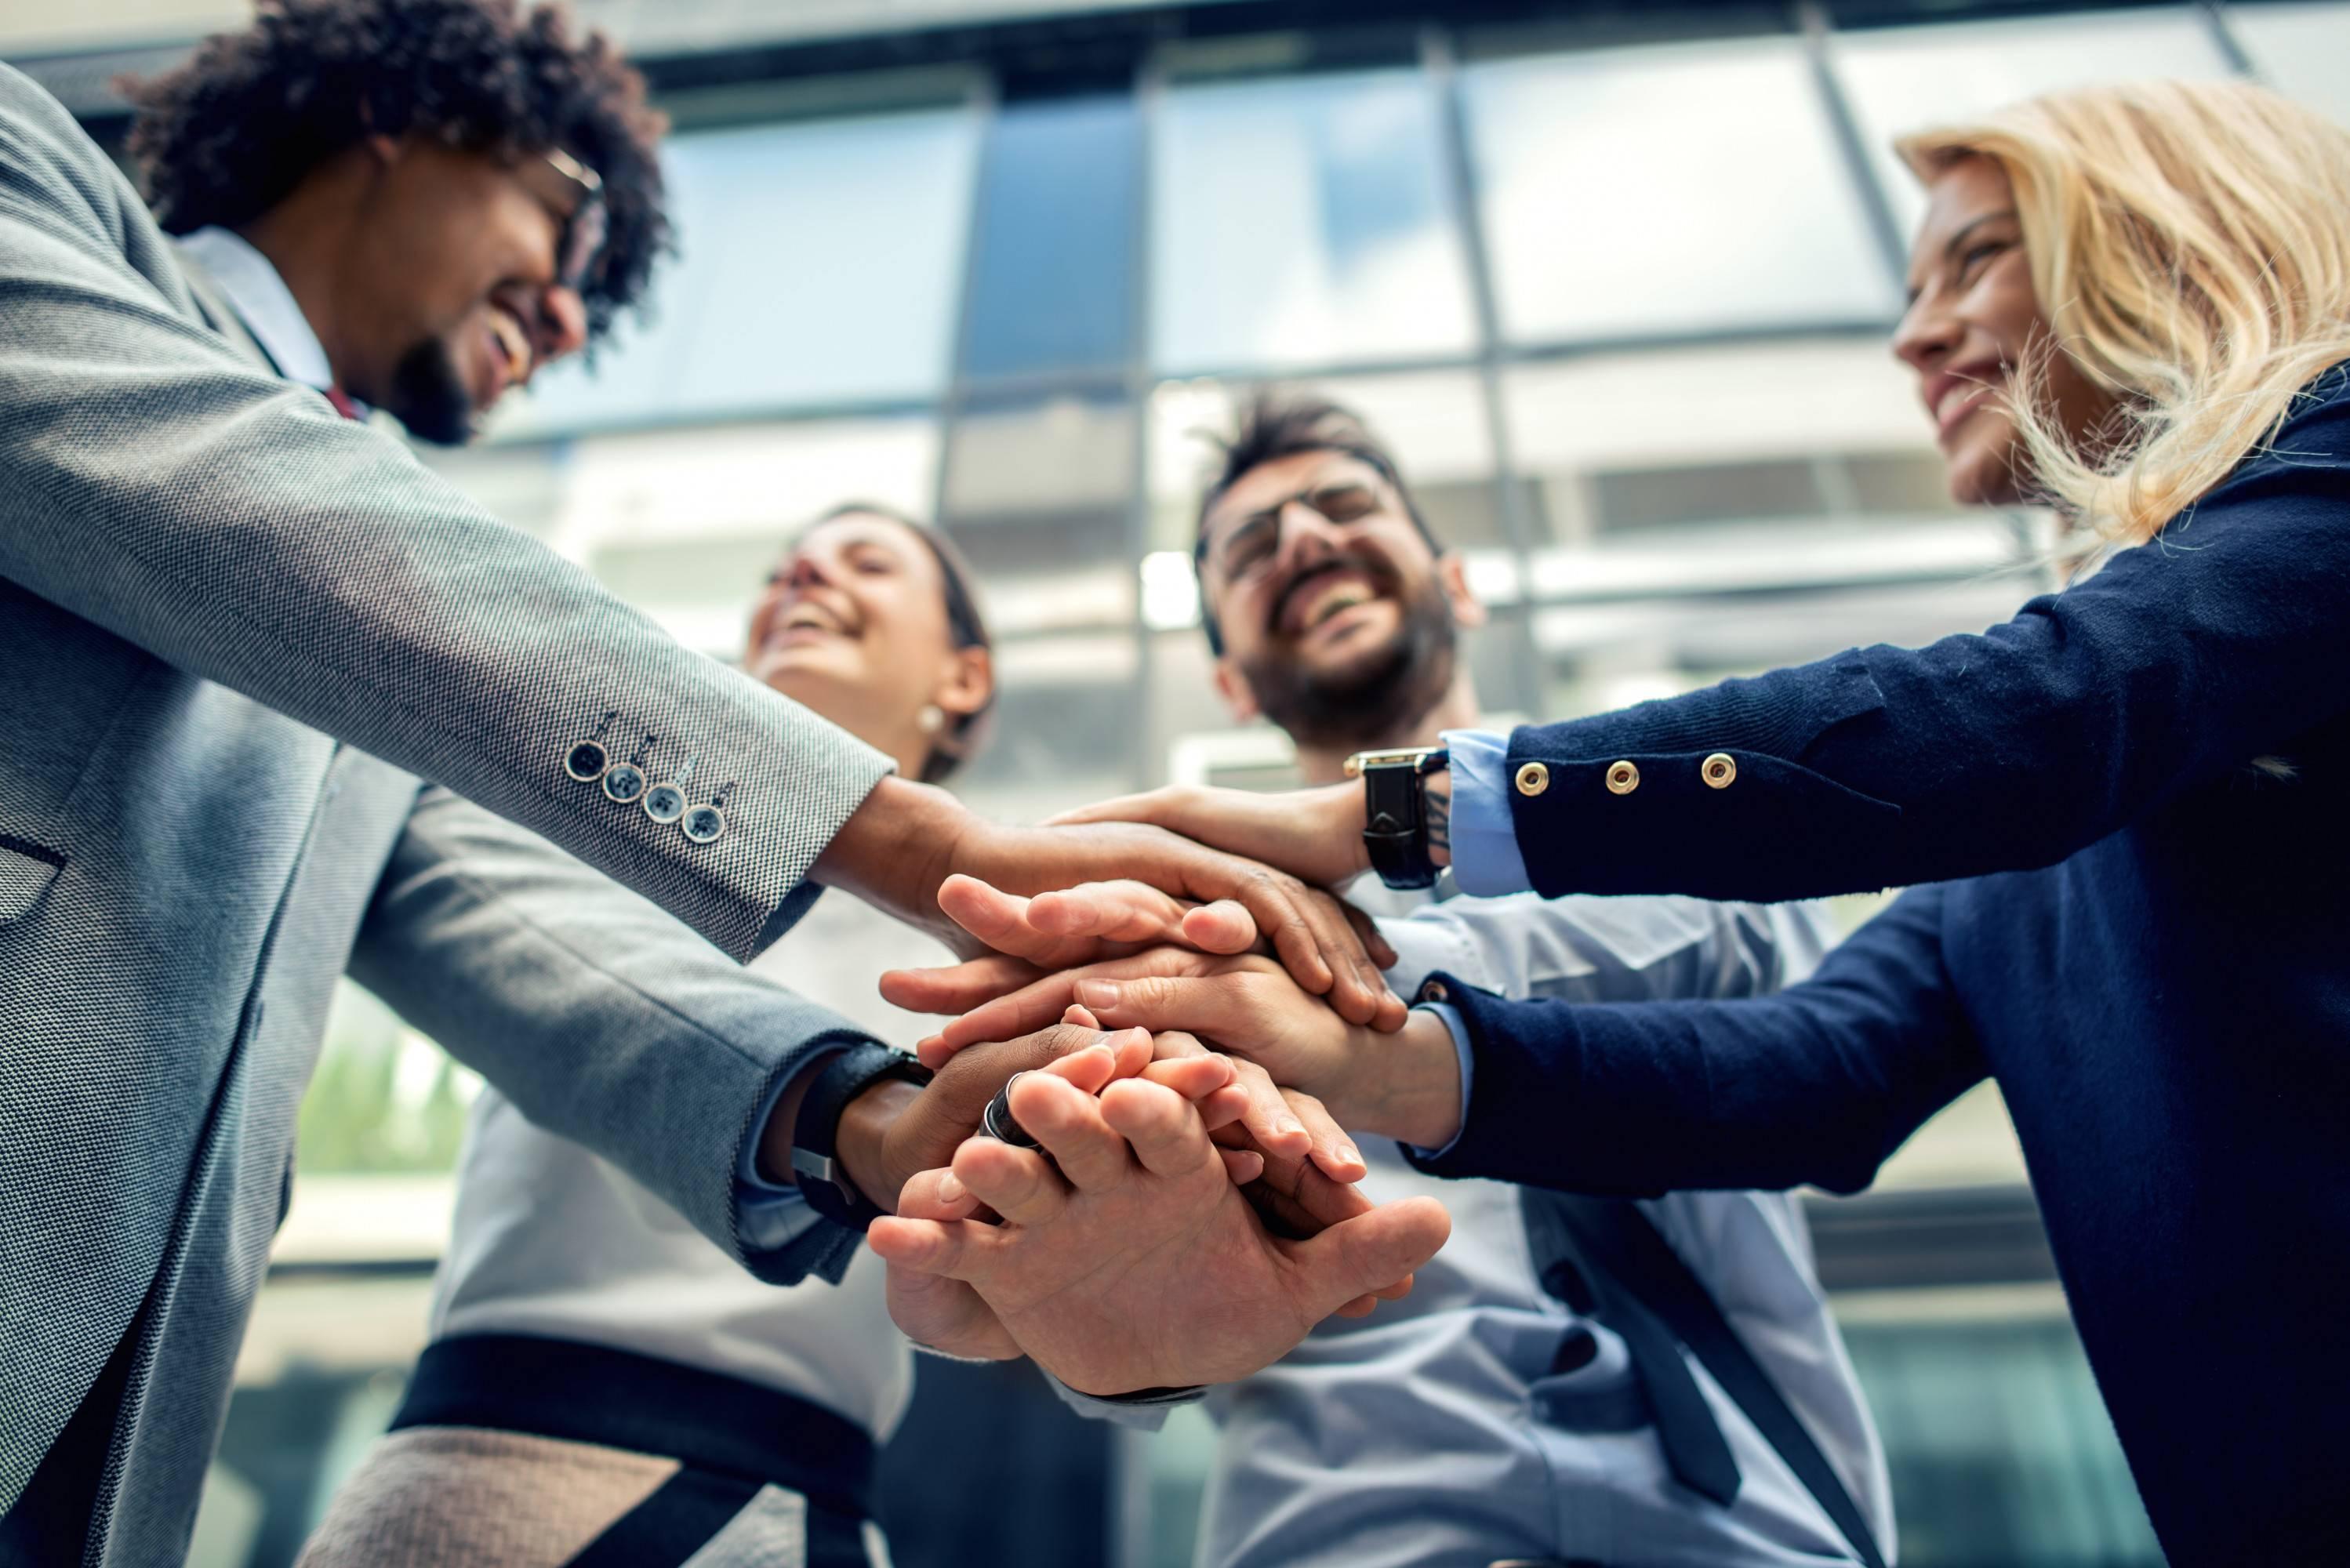 Gestão de equipes externas: como manter o controle e a produtividade